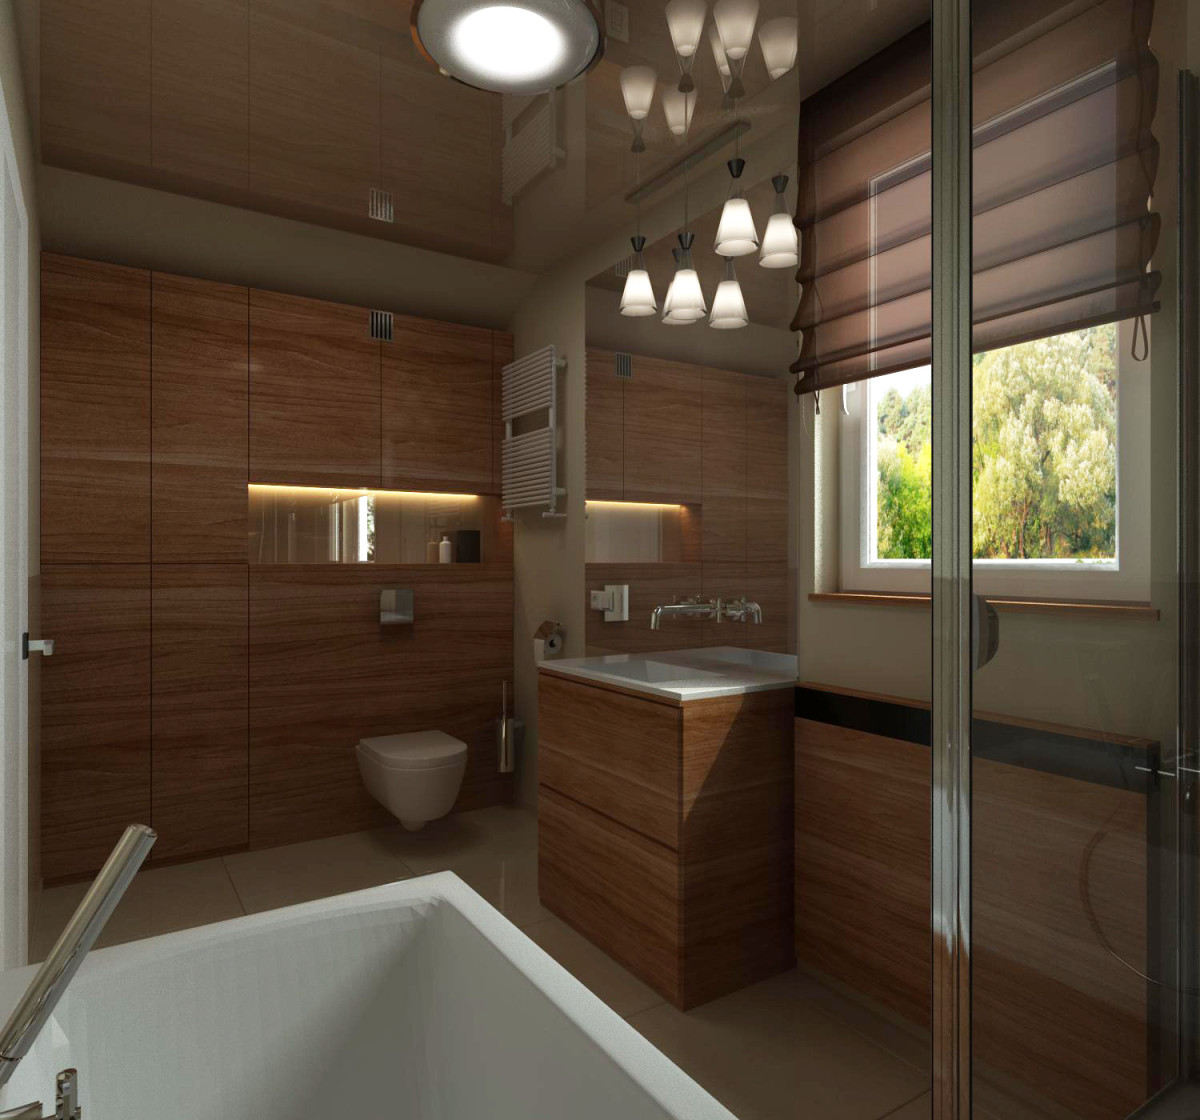 łazienka ze szkłem na ścianie (7)